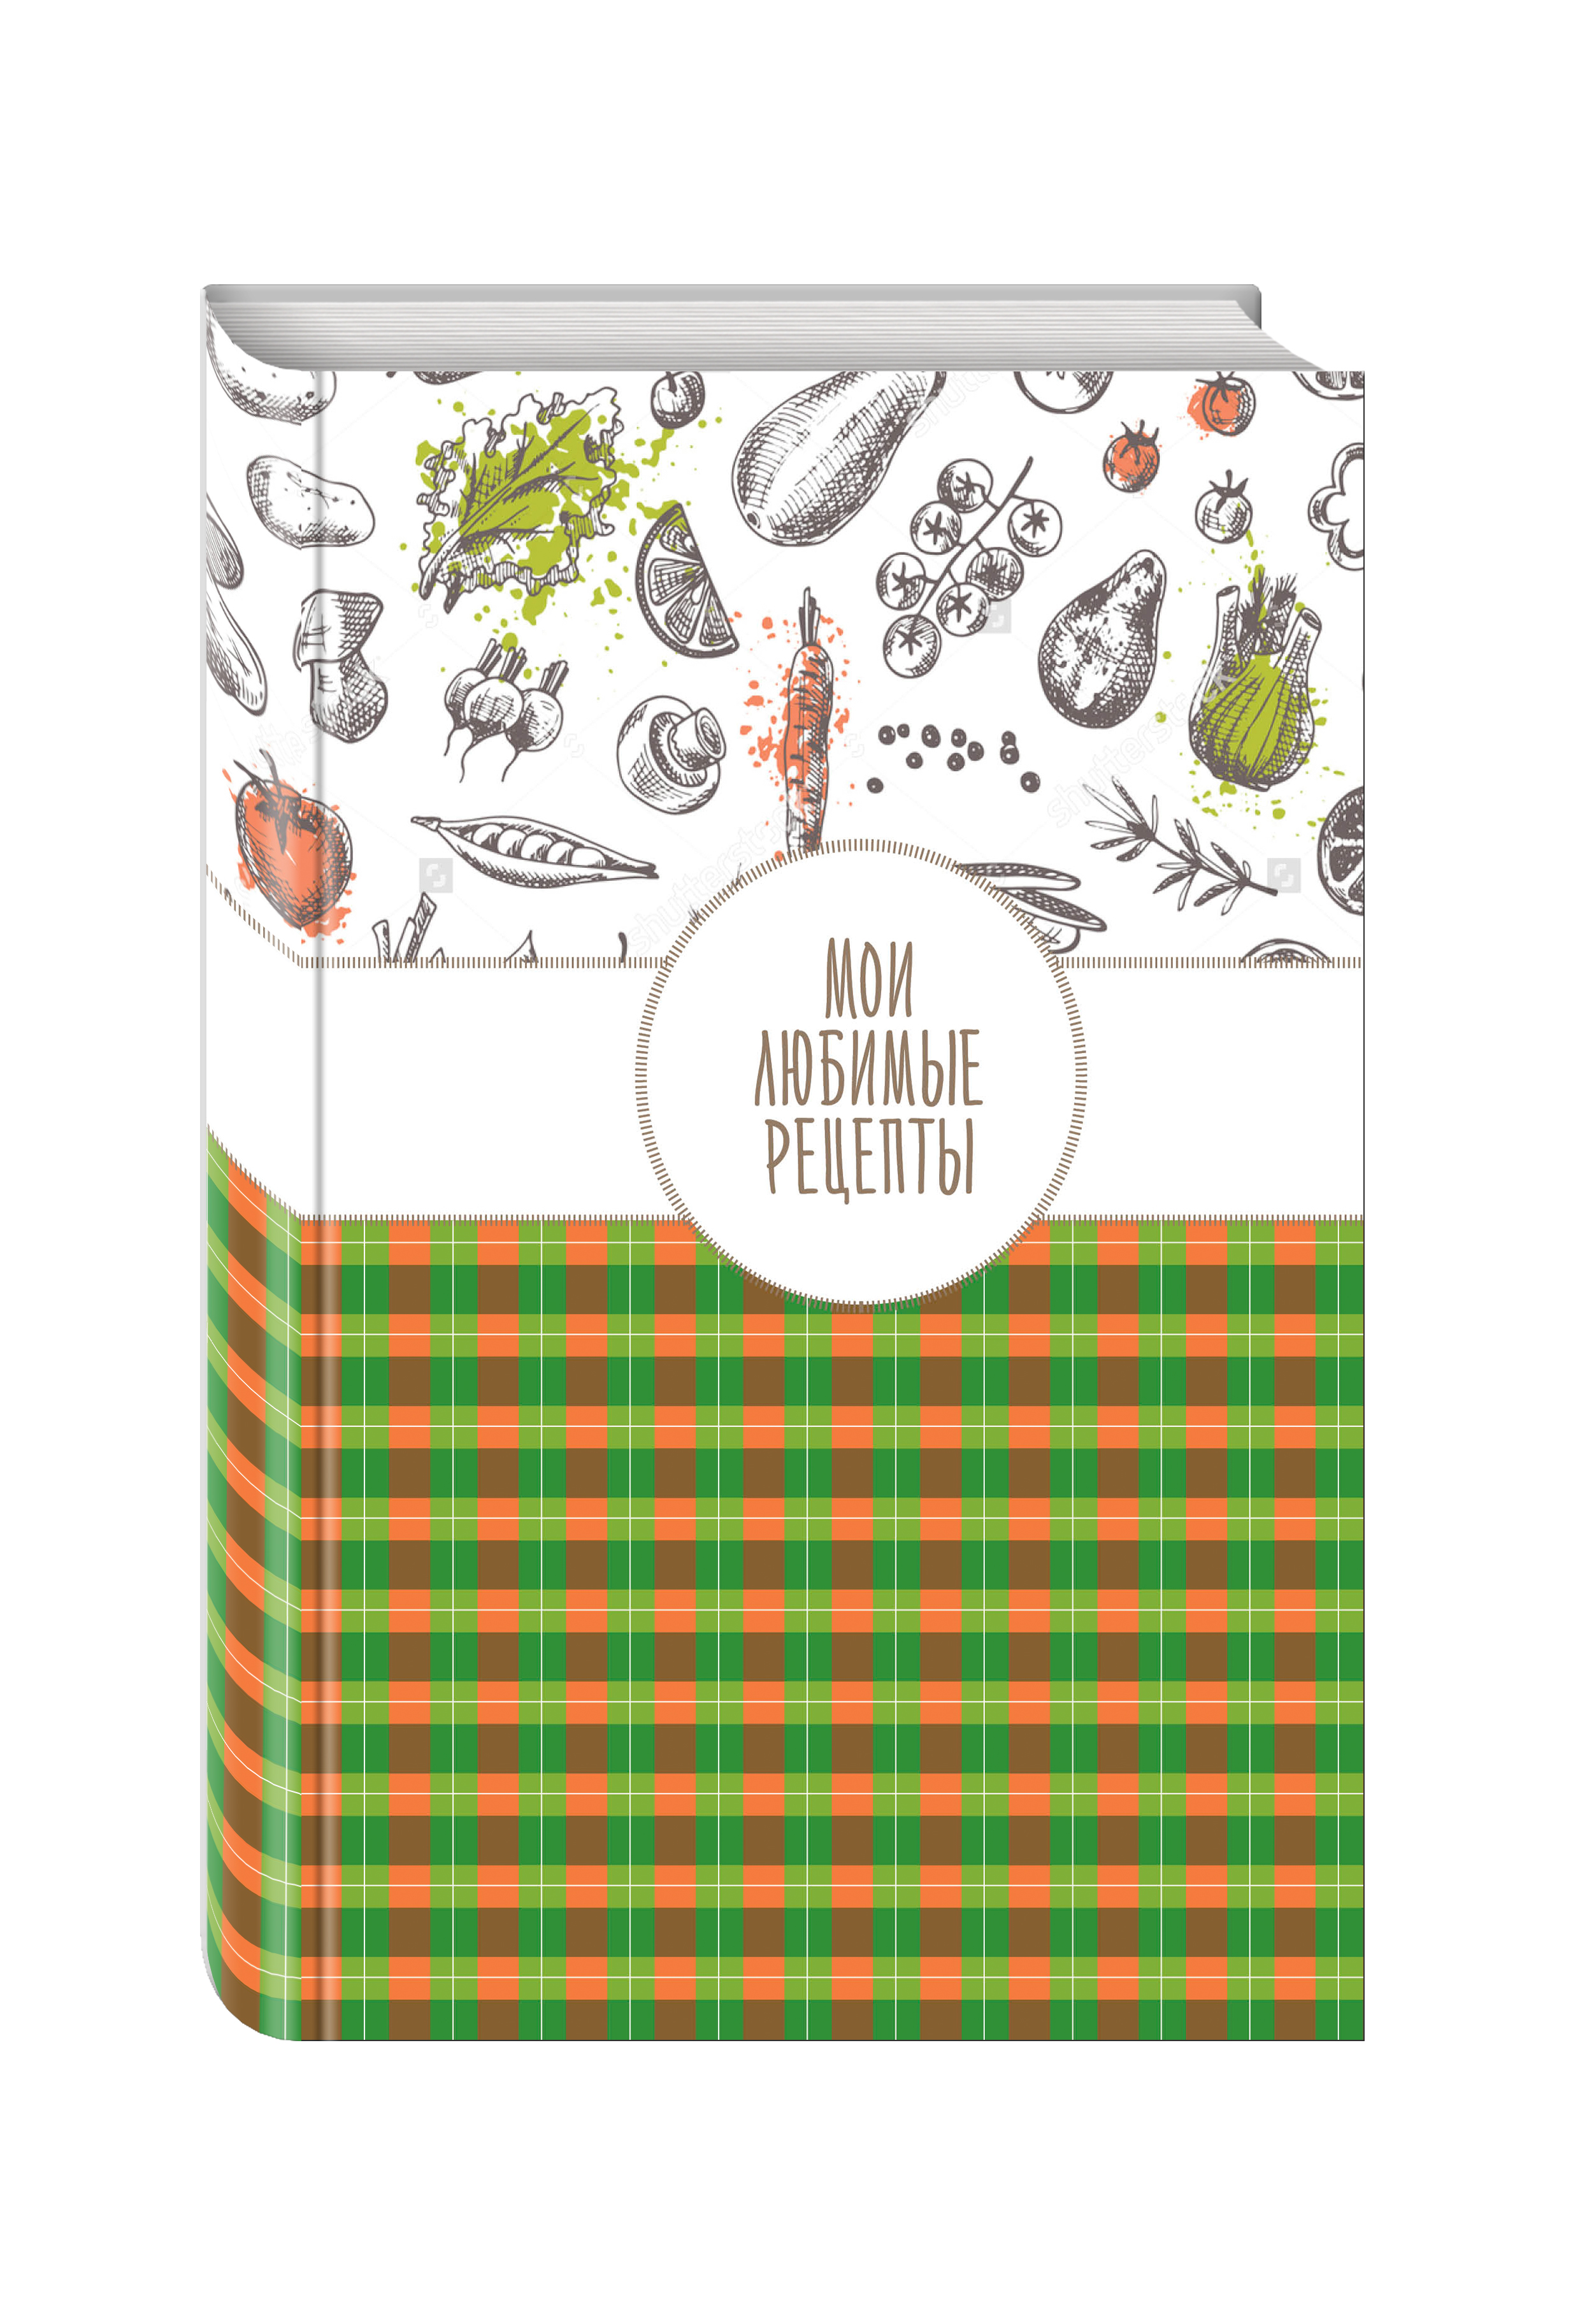 Мои любимые рецепты. Книга для записи рецептов (а5_Клеточка) книга рецептов